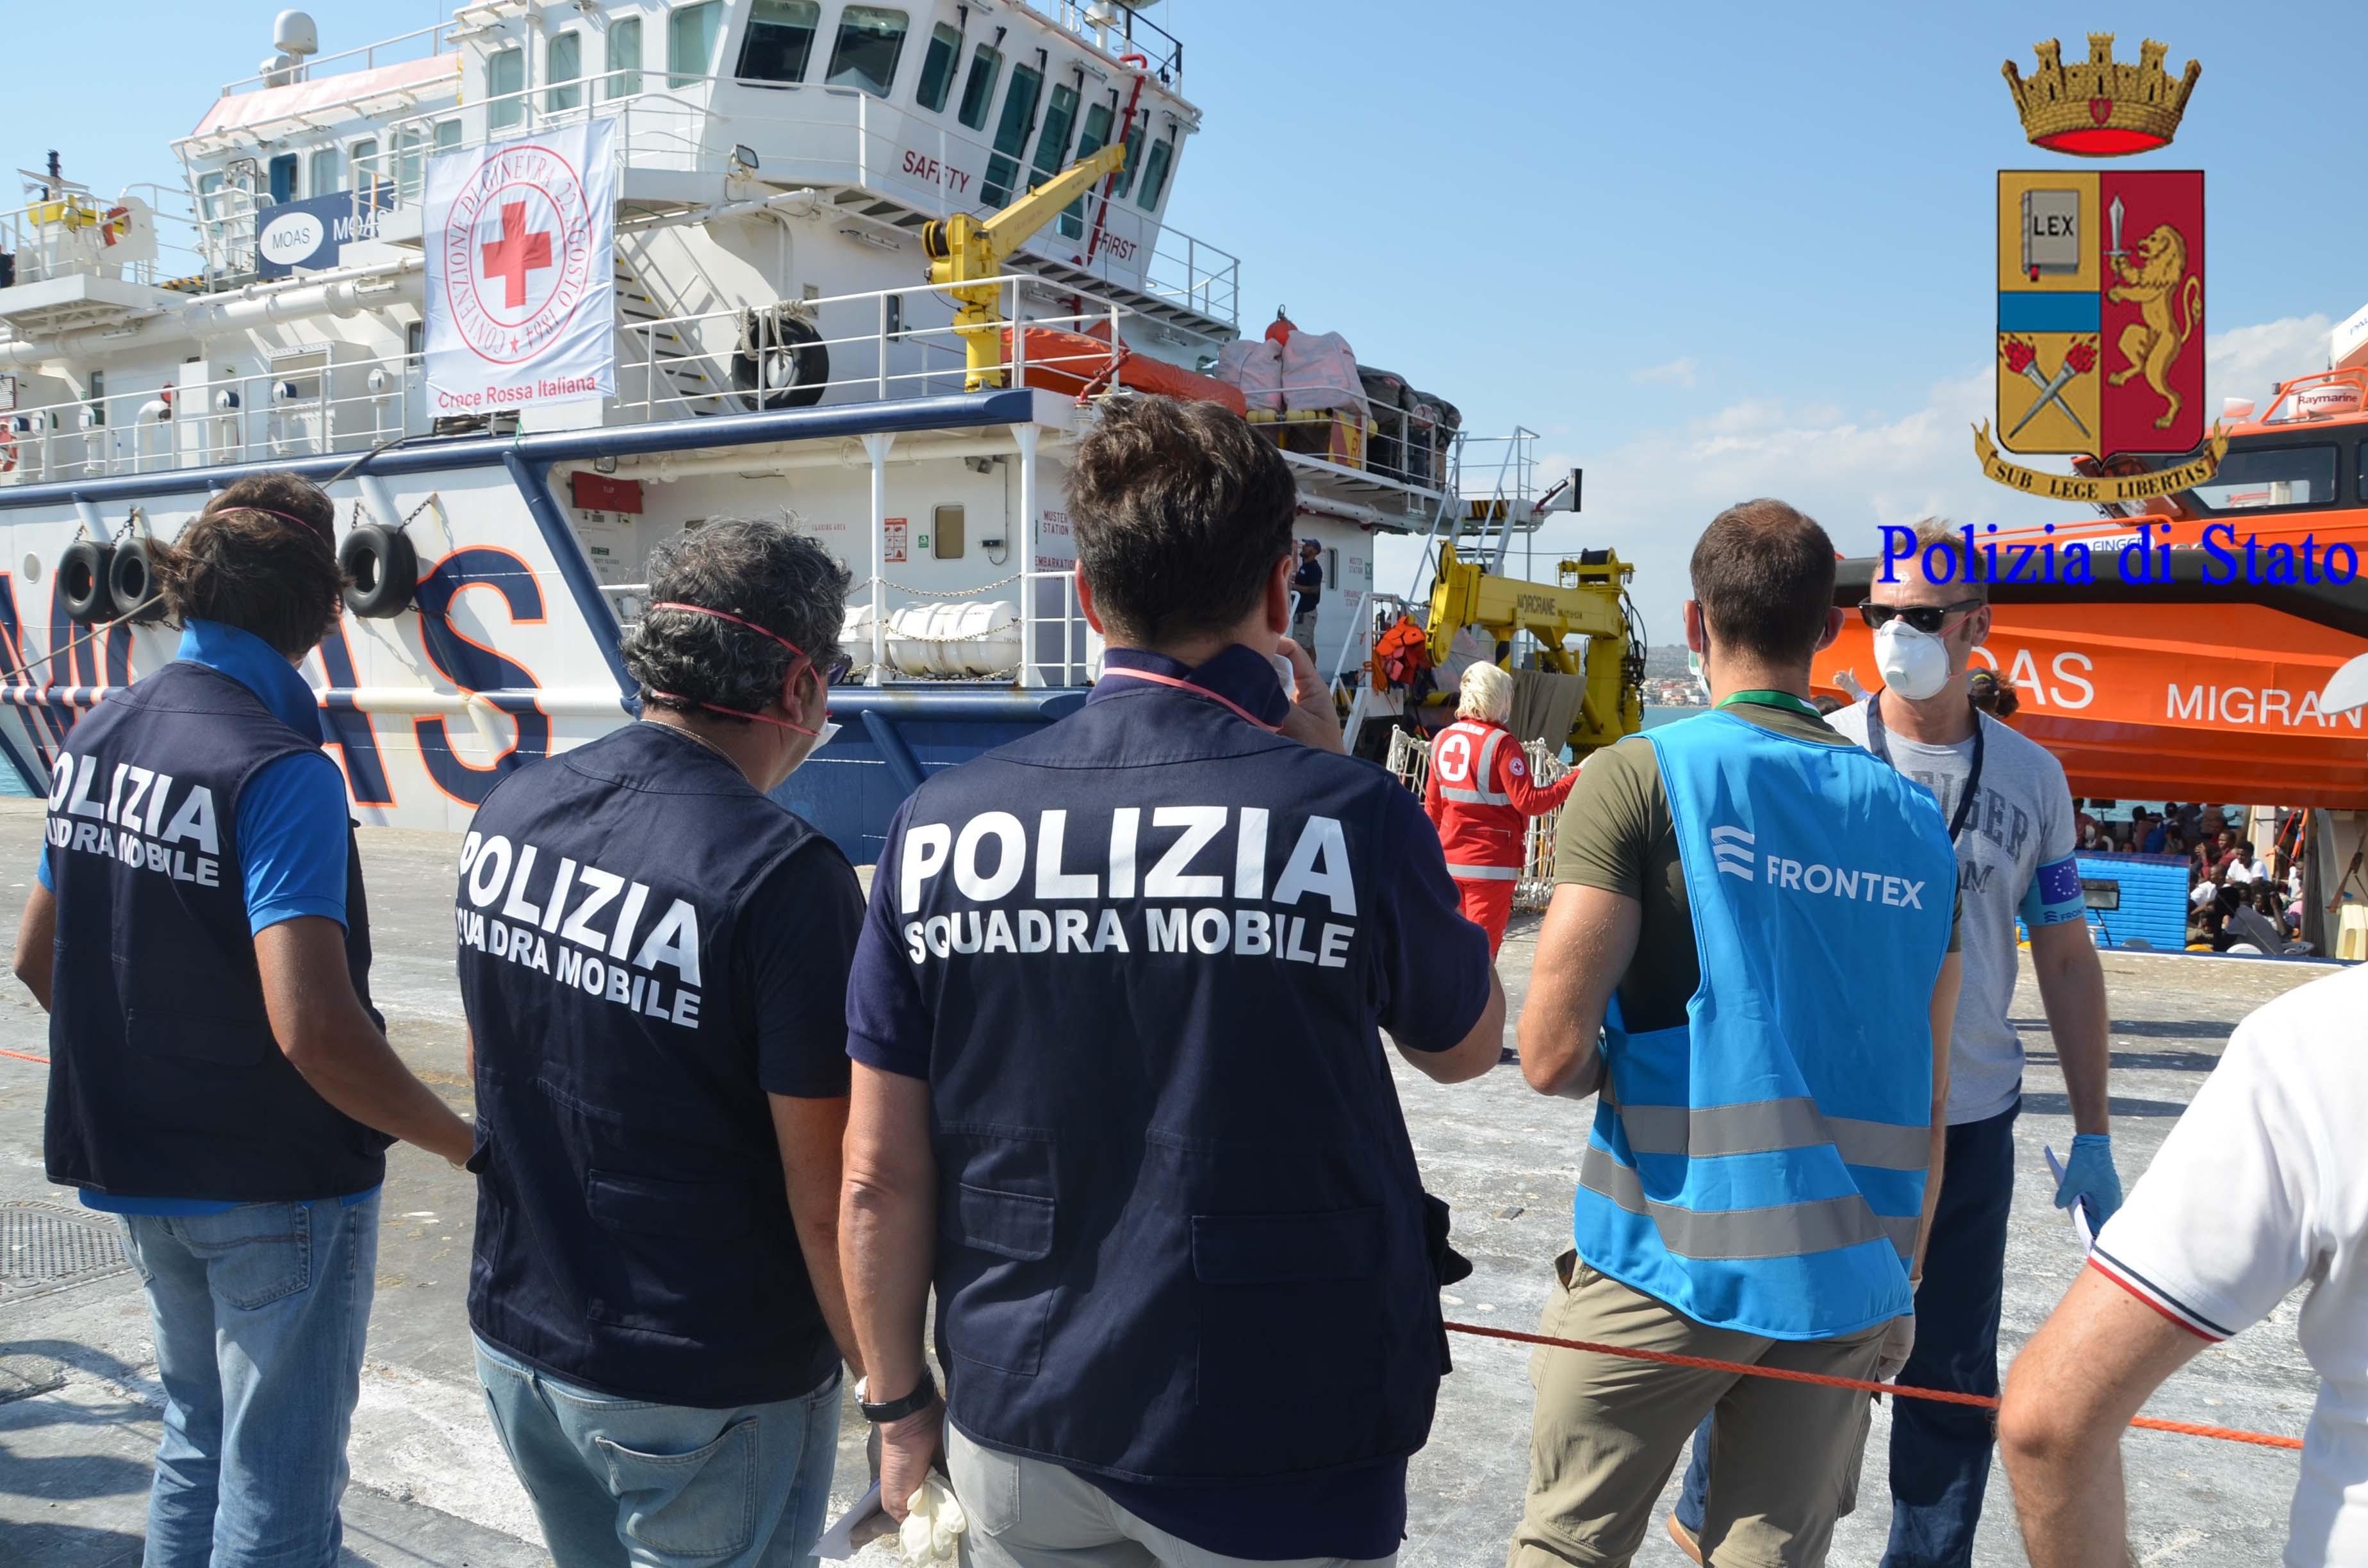 Migranti, il Siulp di Ragusa: 'Non siamo esperti nell'accoglienza'